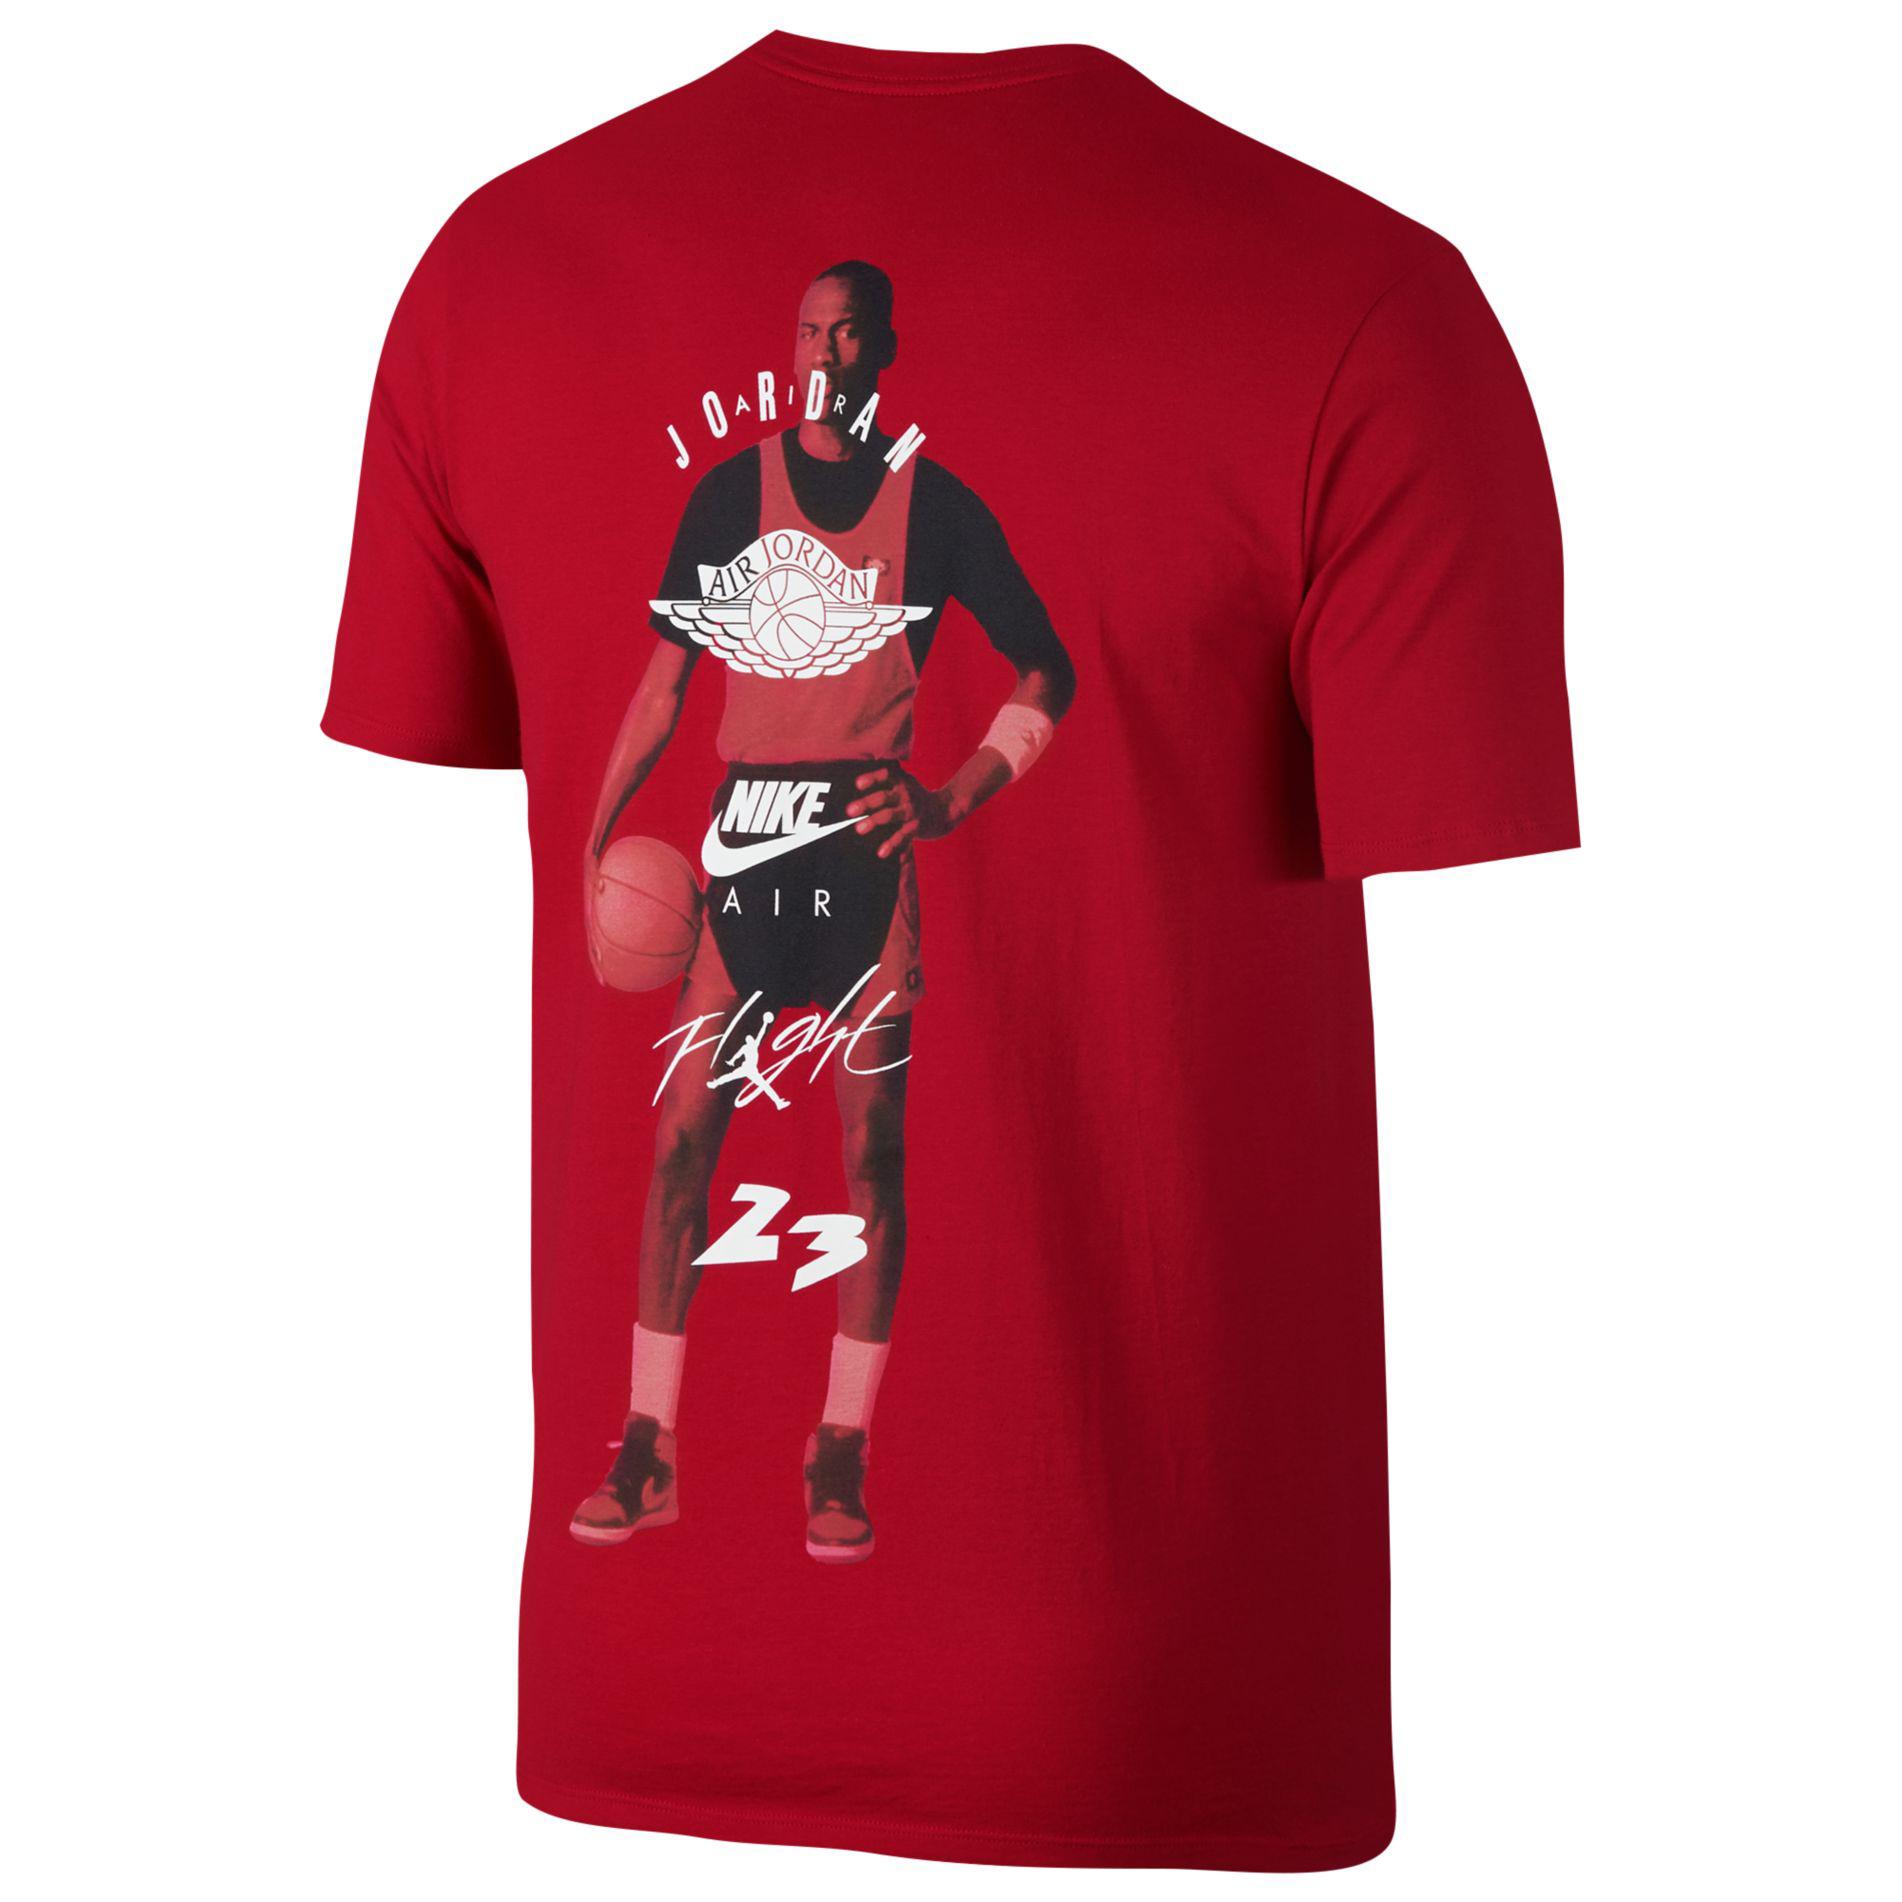 jordan-1-bred-toe-sneaker-shirt-2